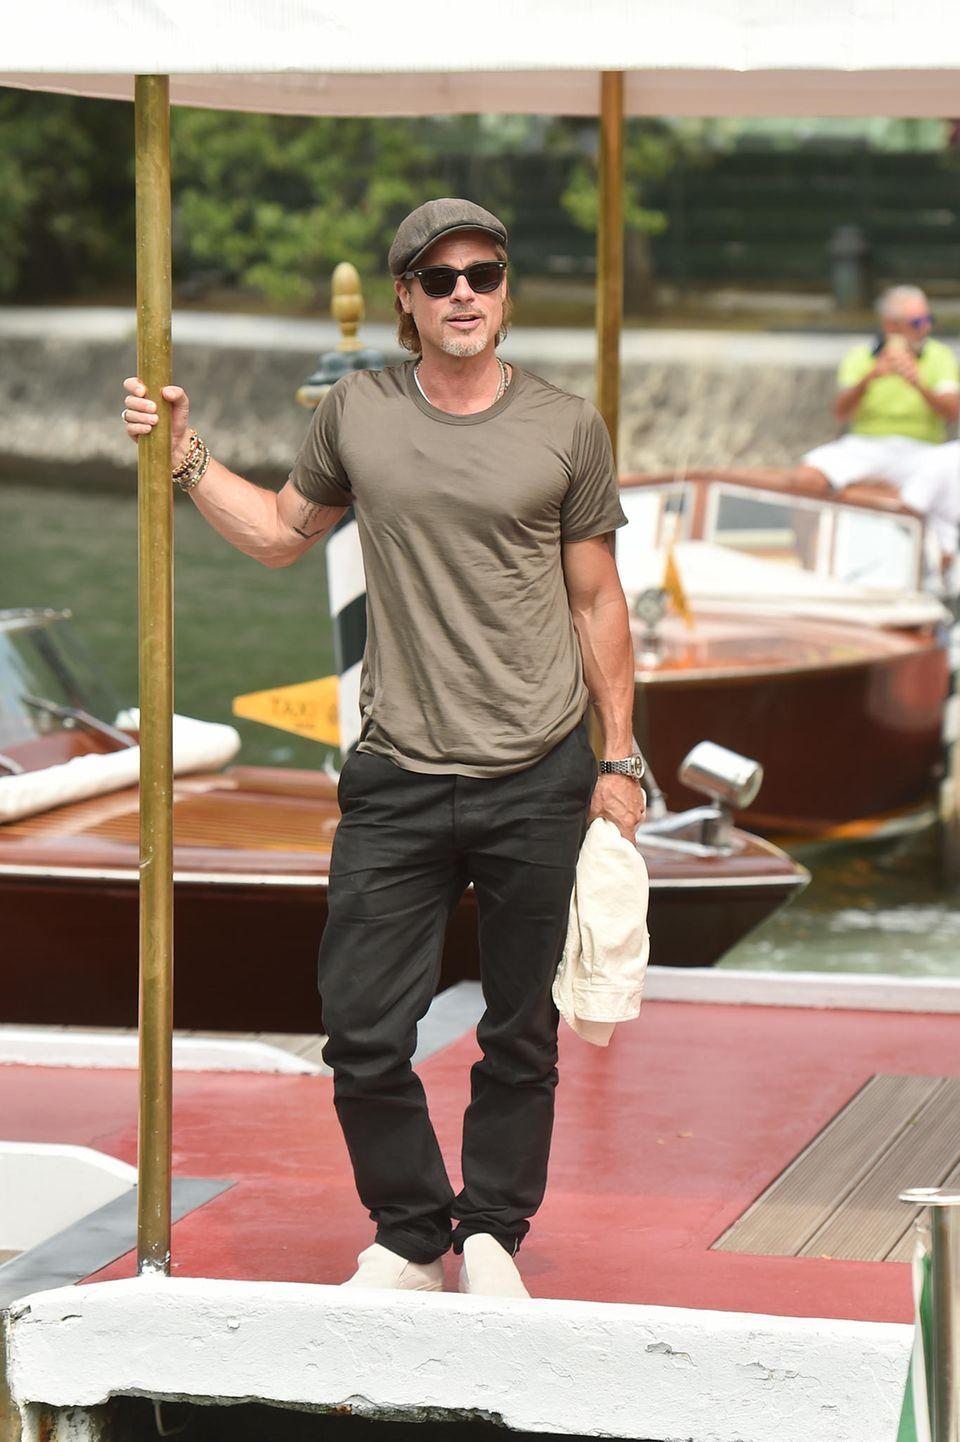 Für Schauspieler Brad Pitt sind es nicht die ersten Filmfestspiele in Venedig – und das sieht man auch. Betont lässig in einem Shirt und einer locker sitzenden Hose erscheint er zur Opening-Party.